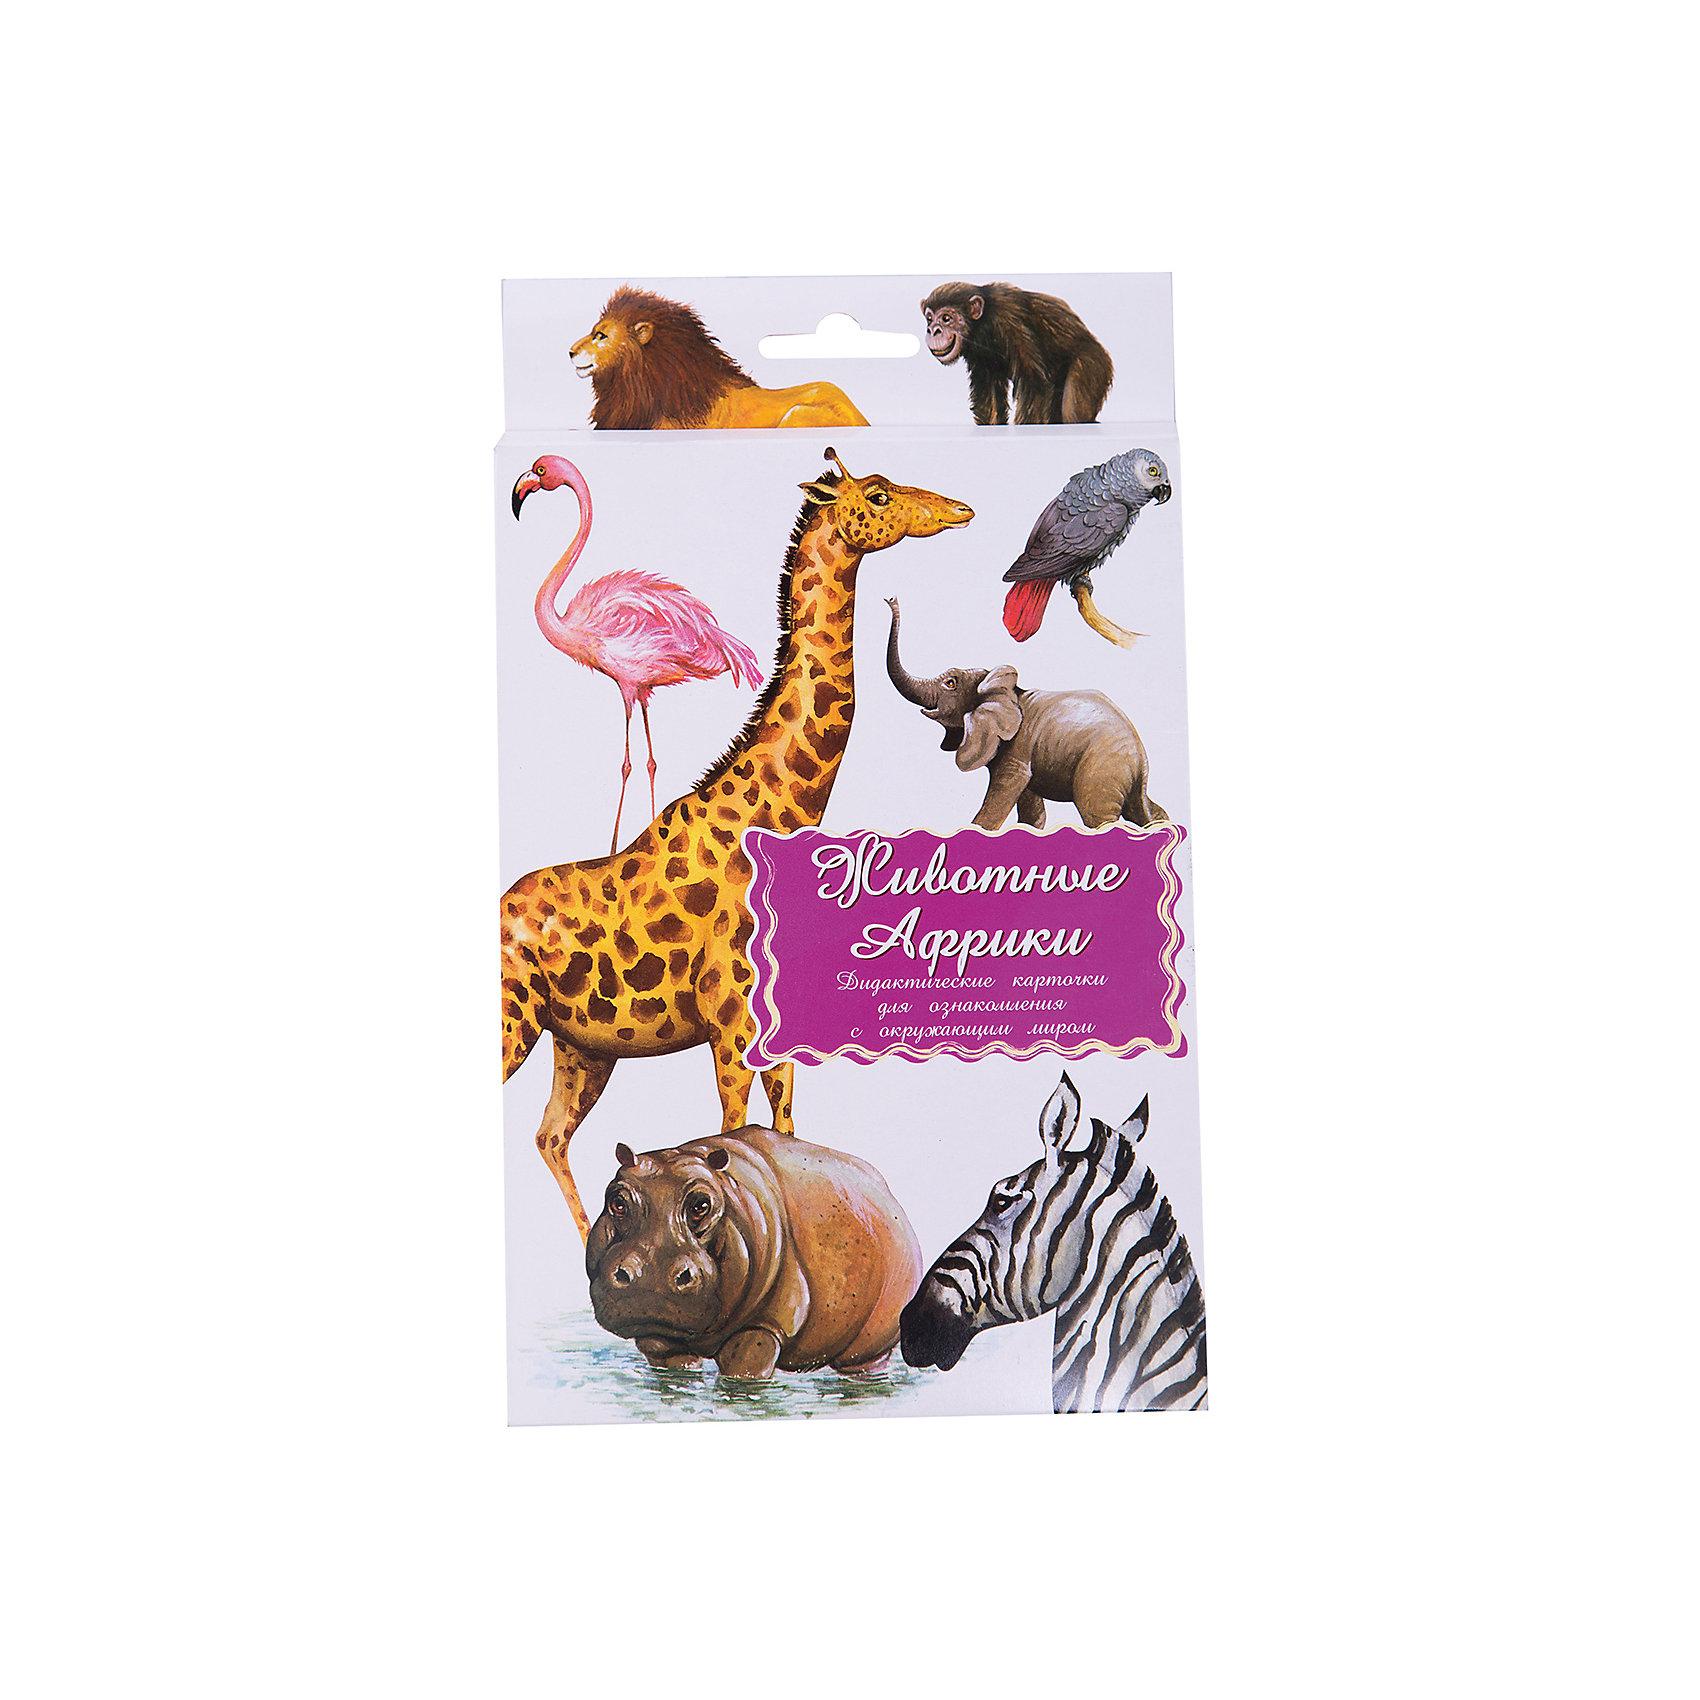 Дидактические карточки Животные АфрикиОбучающие карточки<br>Тематические комплекты дидактических карточек помогут познакомить ребенка с окружающим миром, развить речевые умения, научить сравнивать, классифицировать, обобщать. Карточки рекомендуются родителям для познавательных игр с детьми и занятий  по методике Г.Домана.  Могут использоваться в индивидуальной и групповой работе логопедами, психологами, воспитателями детских садов, учителями начальных классов.  В каждом комплекте 16 карточек, каждая из которых содержит интересную познавательную информацию об изображенном на ней предмете.<br><br>Ширина мм: 150<br>Глубина мм: 90<br>Высота мм: 90<br>Вес г: 200<br>Возраст от месяцев: 36<br>Возраст до месяцев: 2147483647<br>Пол: Унисекс<br>Возраст: Детский<br>SKU: 4802969